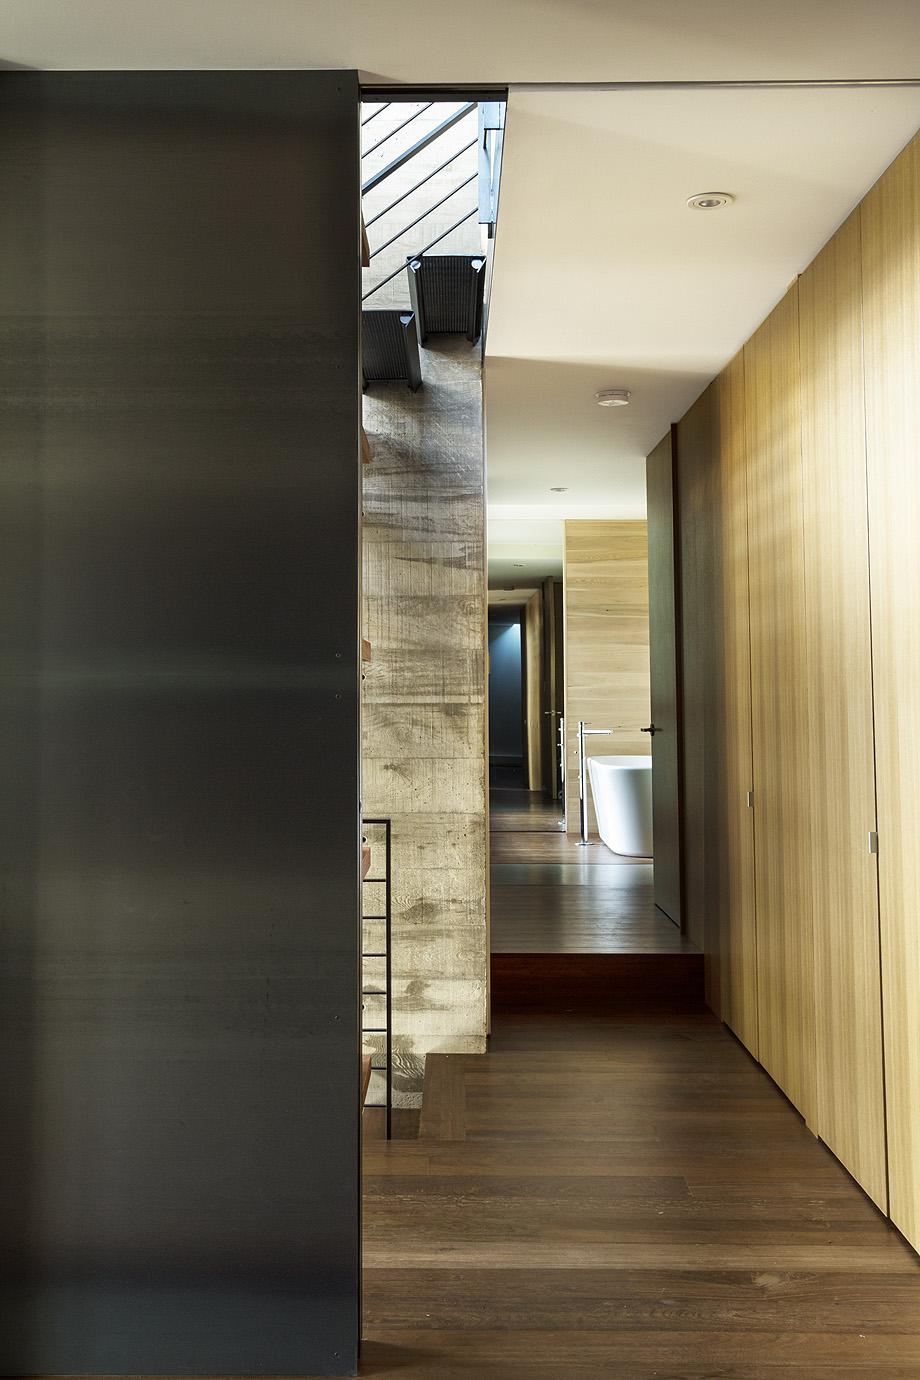 maison atelier de hy2 - foto Maxime Brouillet, Francis Pelletier, Loukas Yiacouvakis (7)